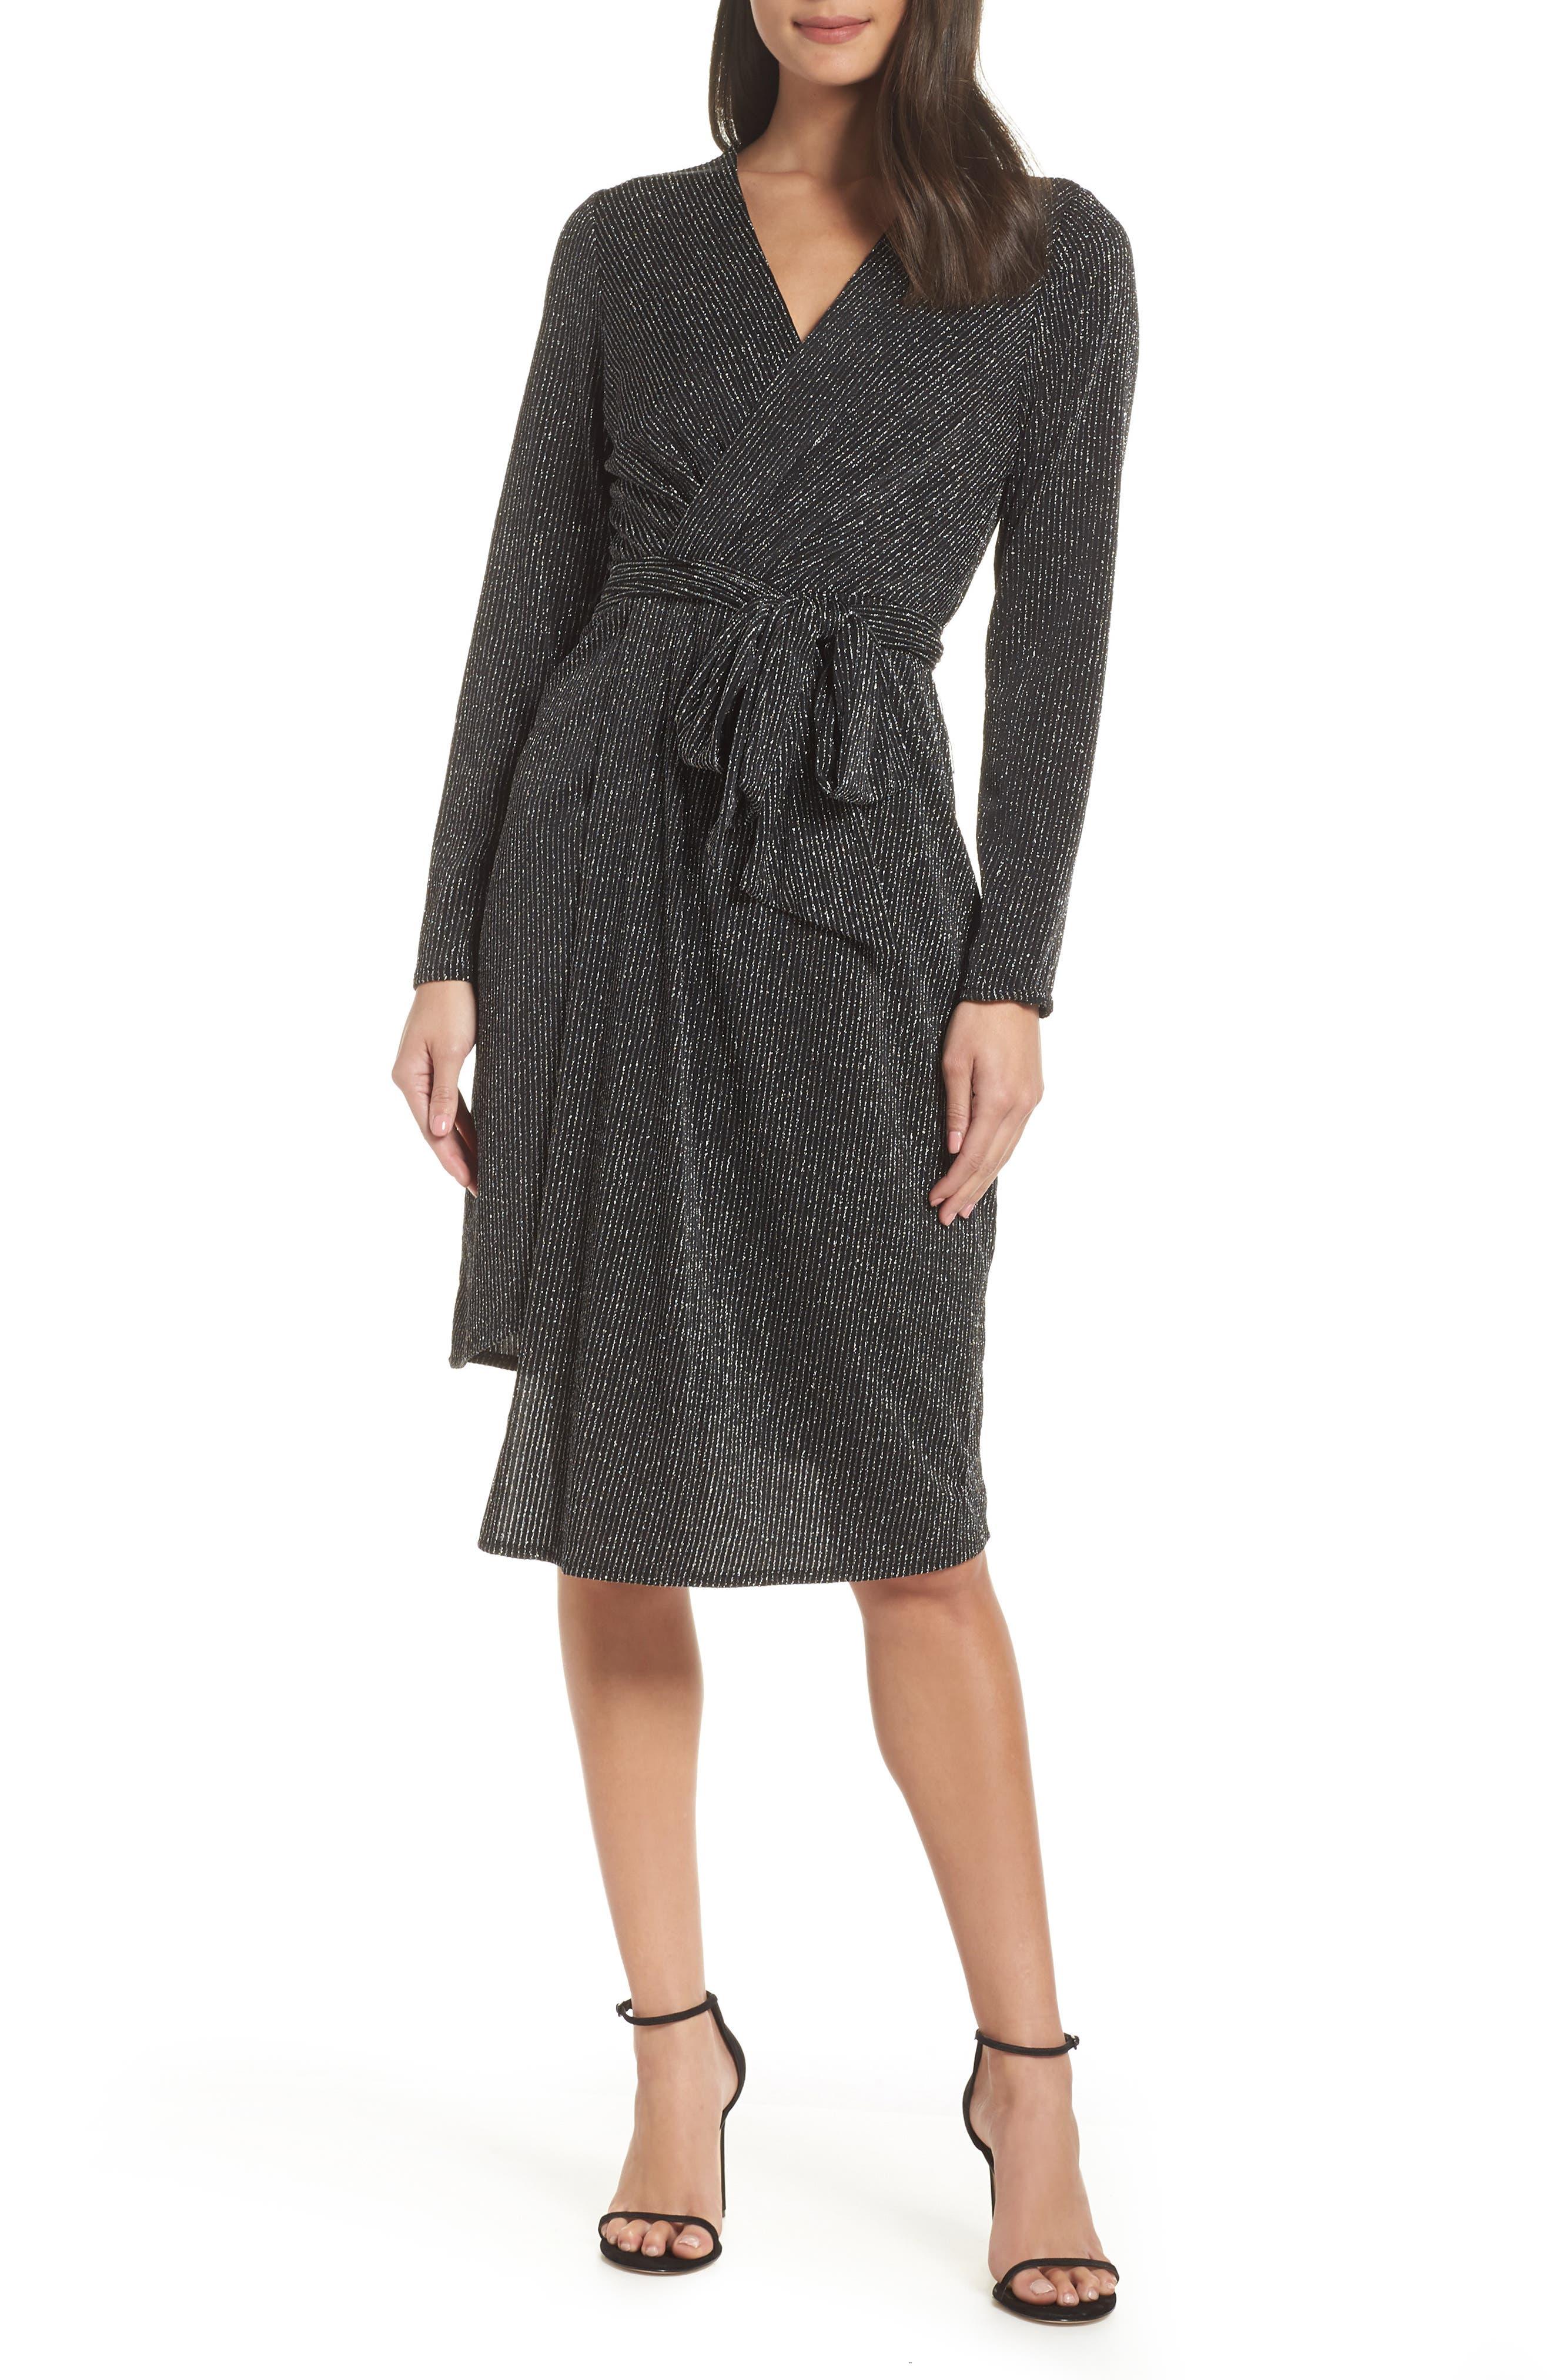 SAM EDELMAN Metallic Faux Wrap Knit Dress, Main, color, SILVER METALLIC